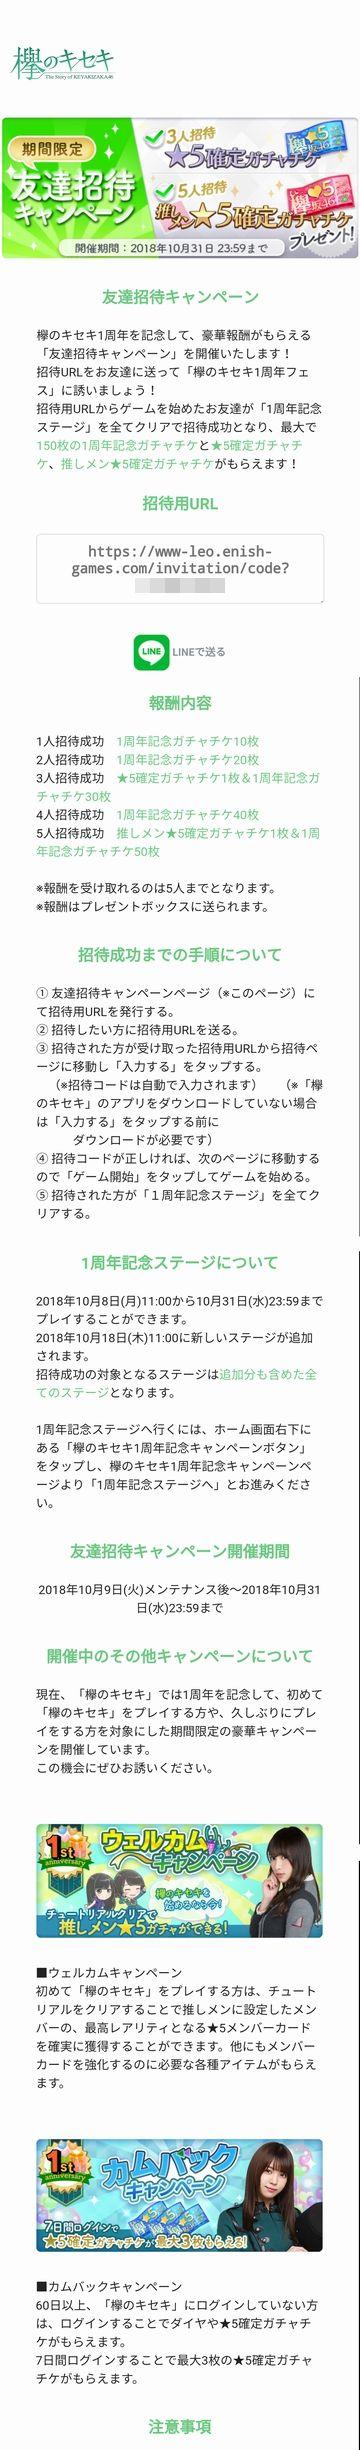 友達招待キャンペーンページ